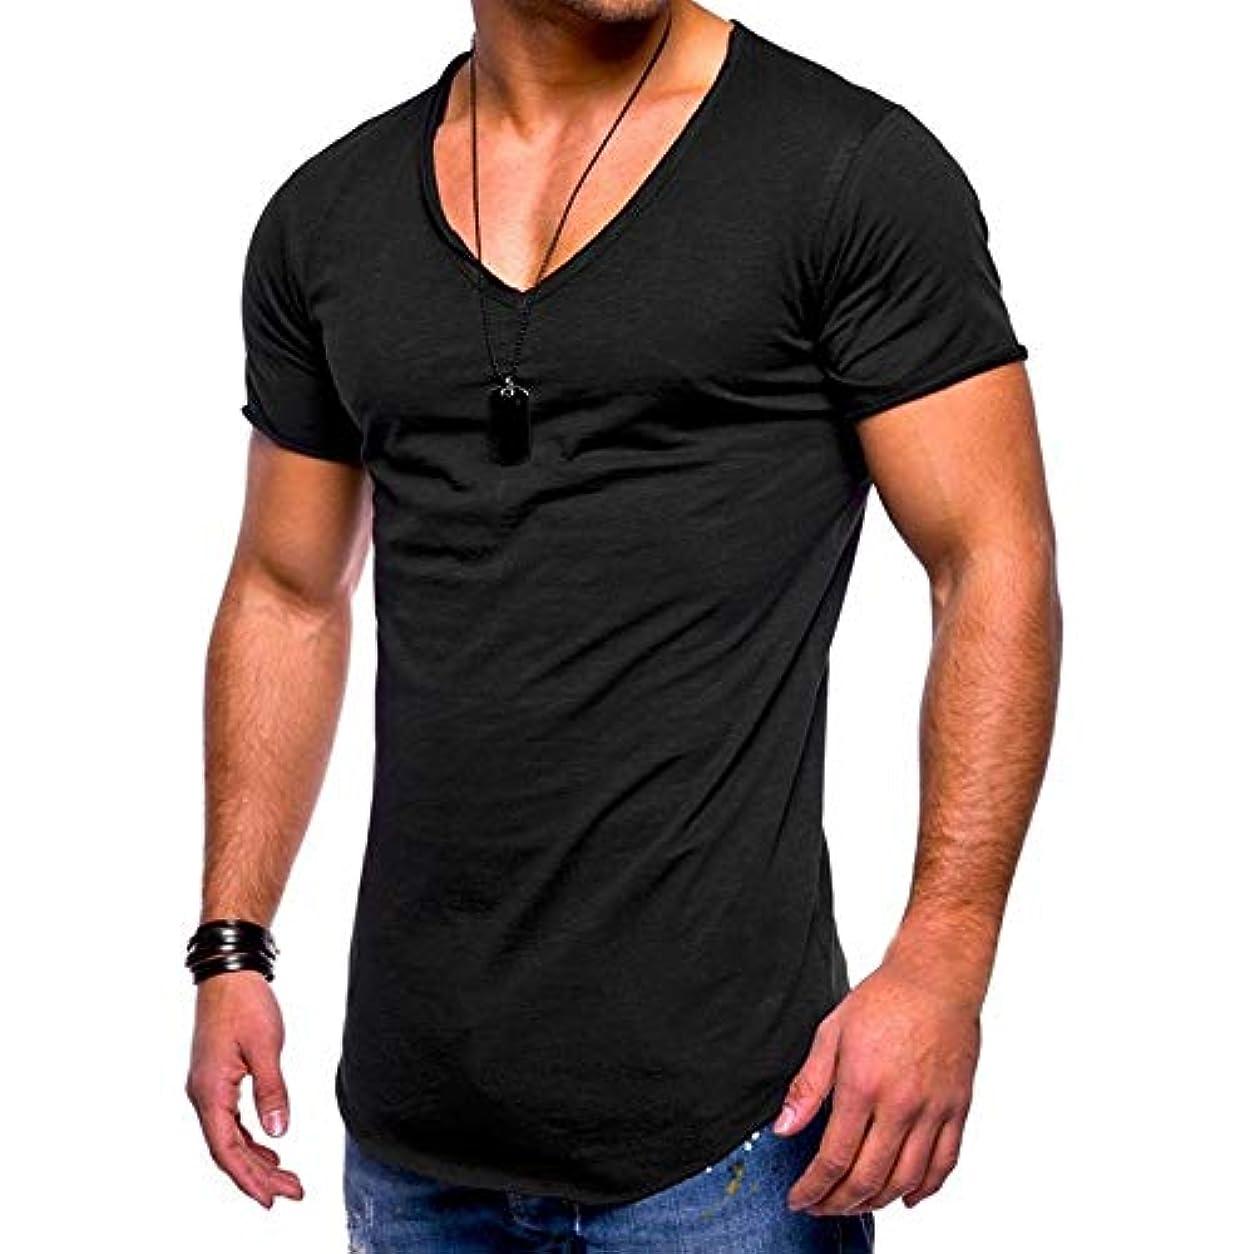 プレゼント公平な絶滅させるMIFAN メンズTシャツ、カジュアルシャツ、半袖、コットンTシャツ、Vネックシャツ、スリムTシャツ、トップス&Tシャツ、メンズトップス